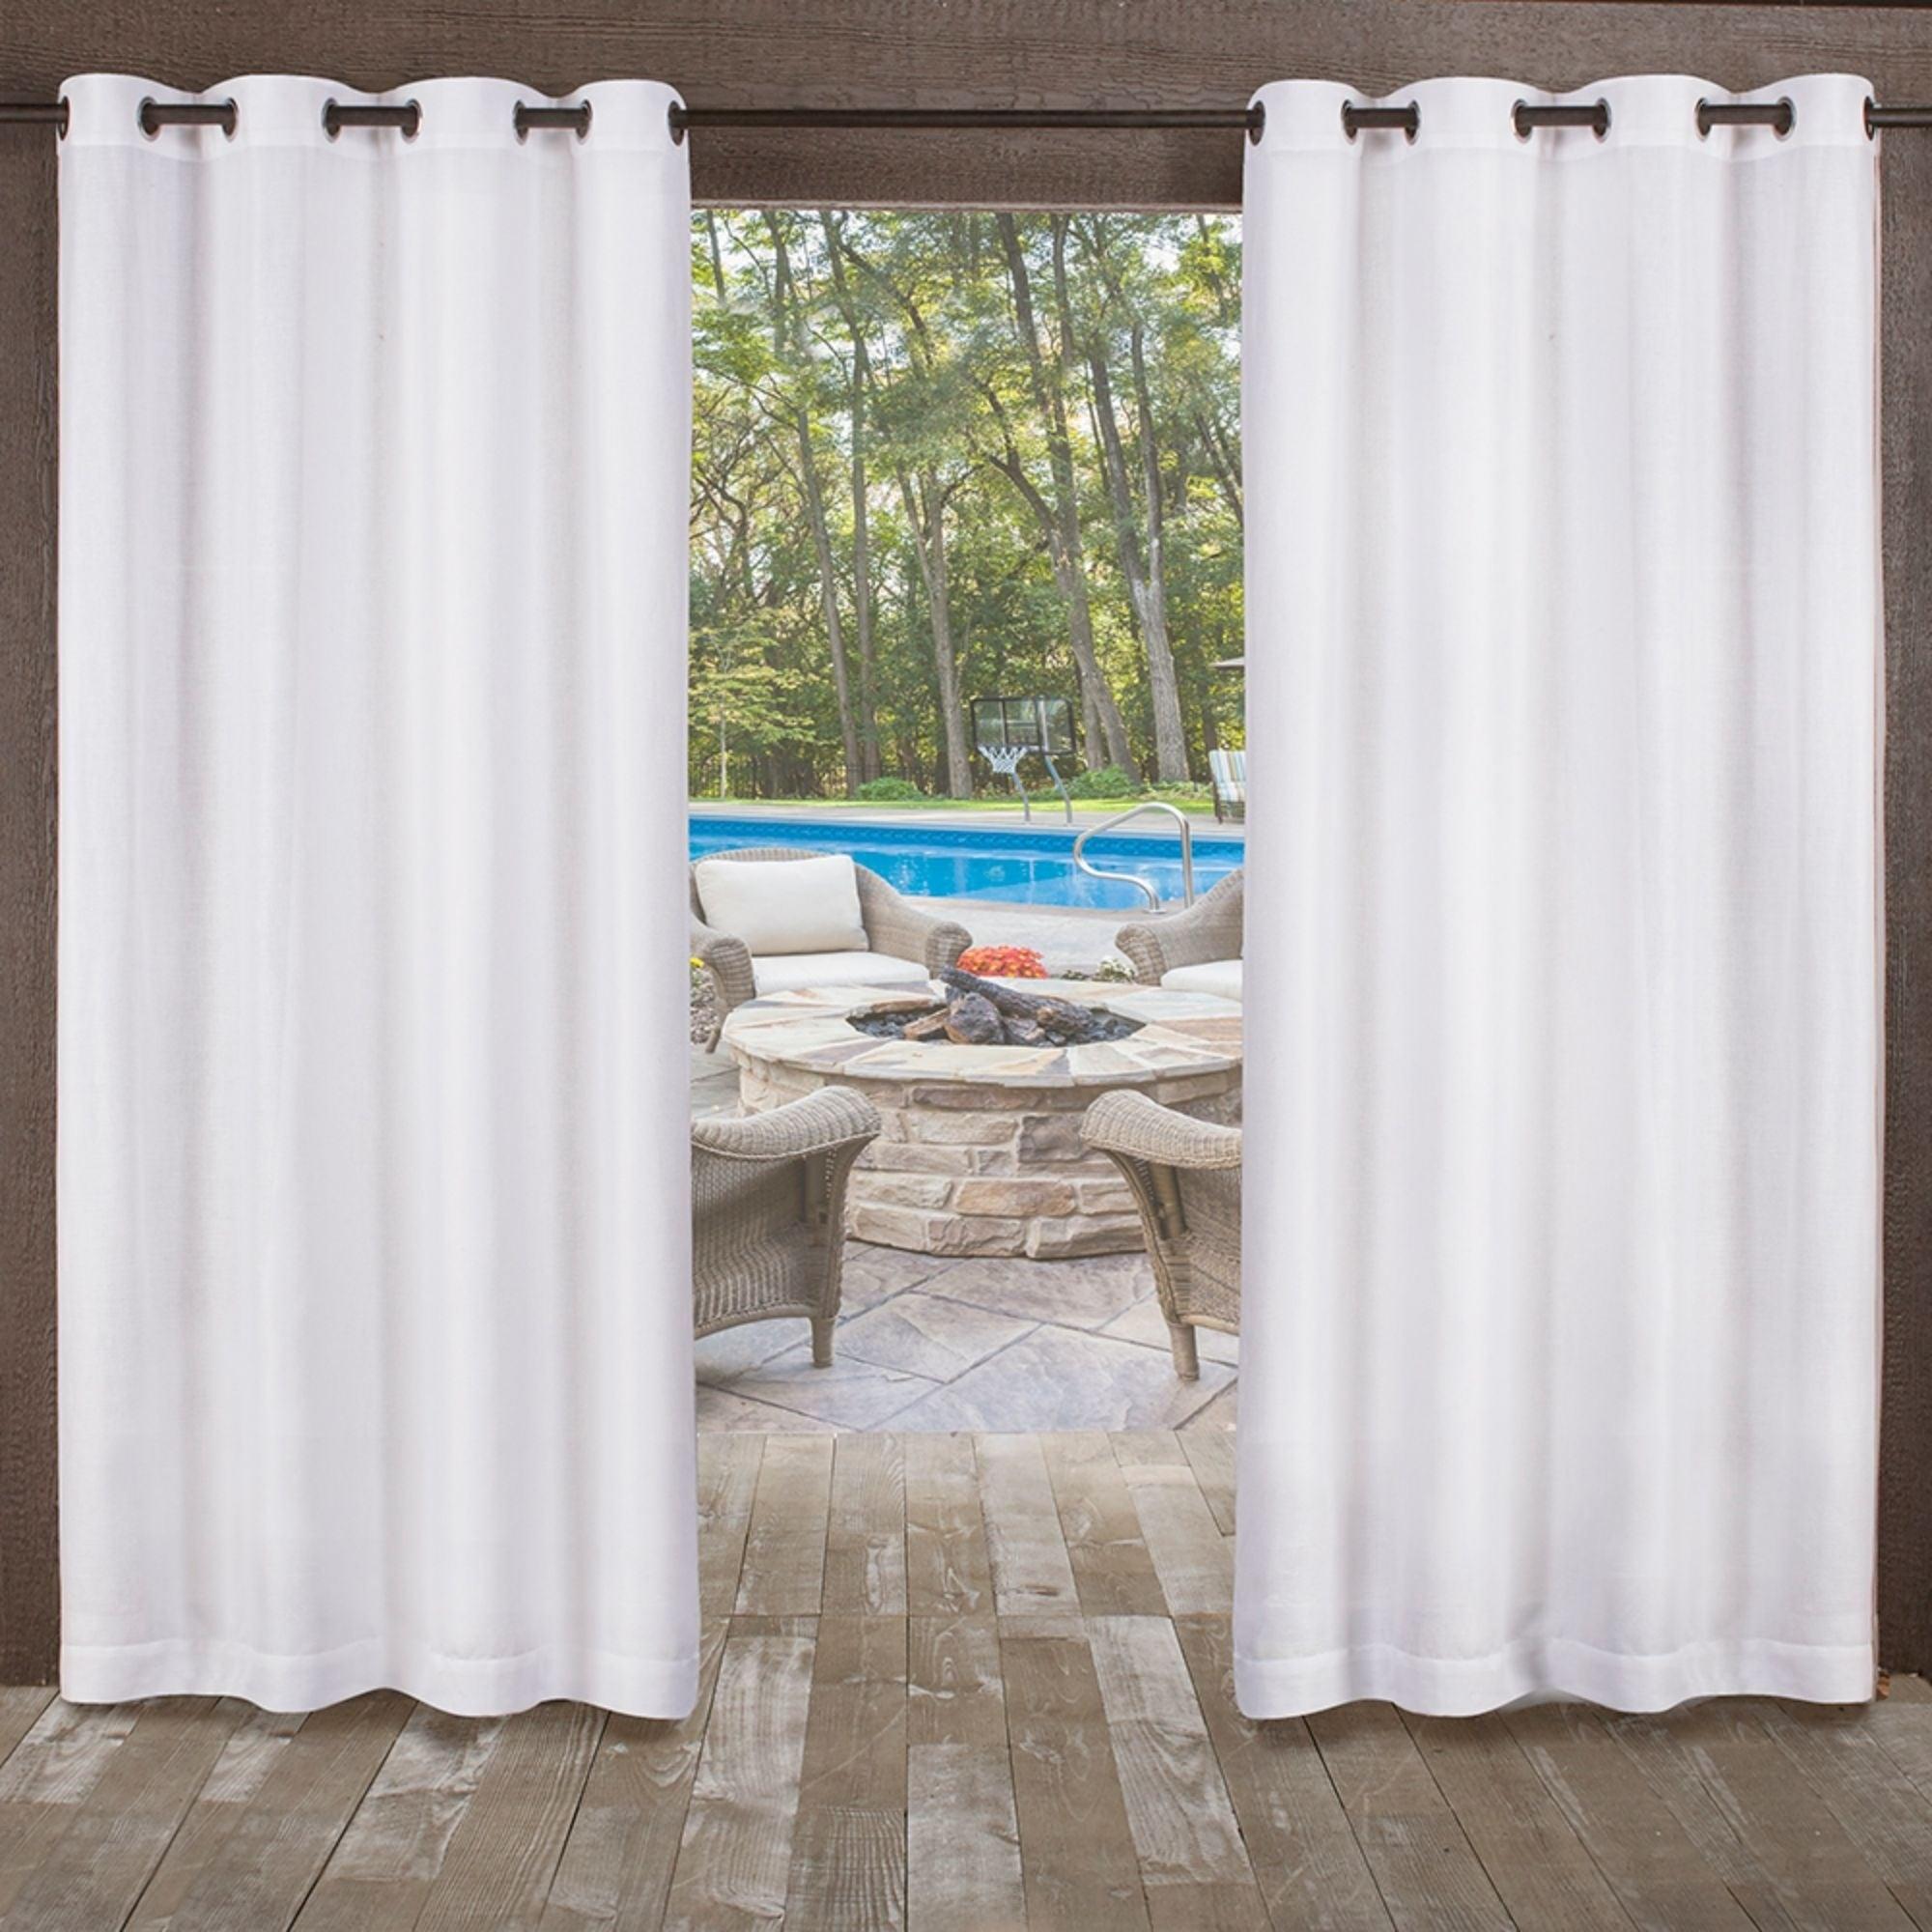 Ati Home Miami Indoor/outdoor Grommet Top Curtain Panel Pair Regarding Delano Indoor/outdoor Grommet Top Curtain Panel Pairs (View 4 of 20)